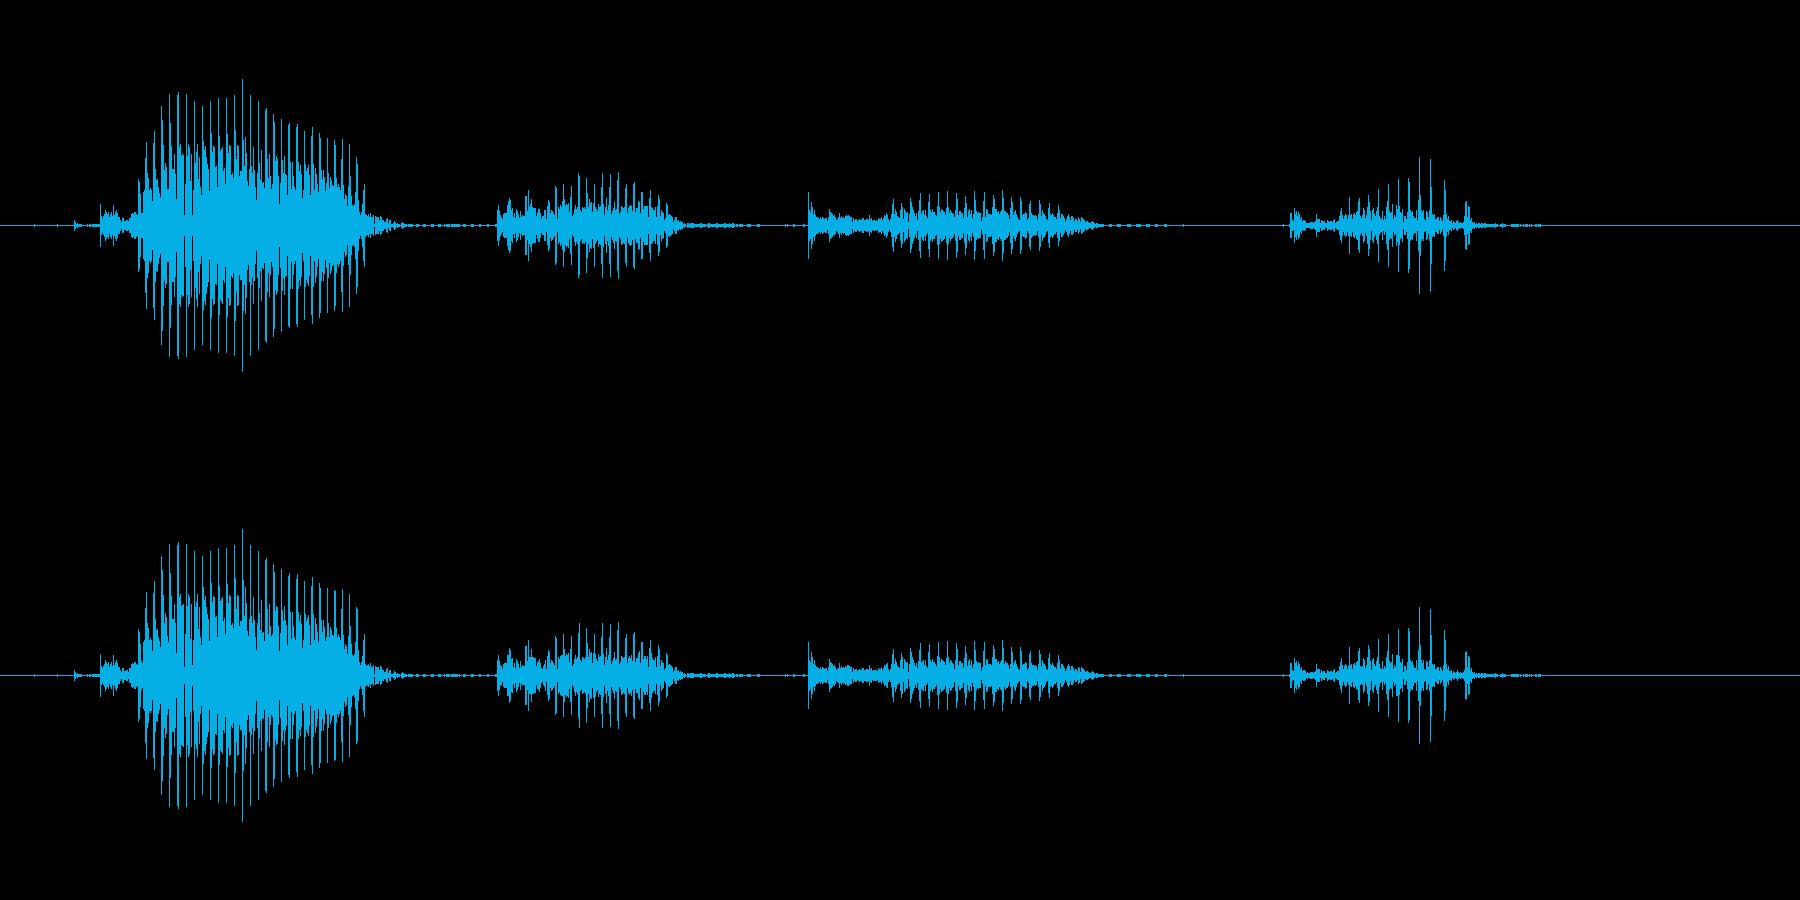 【日数・経過】10日経過の再生済みの波形